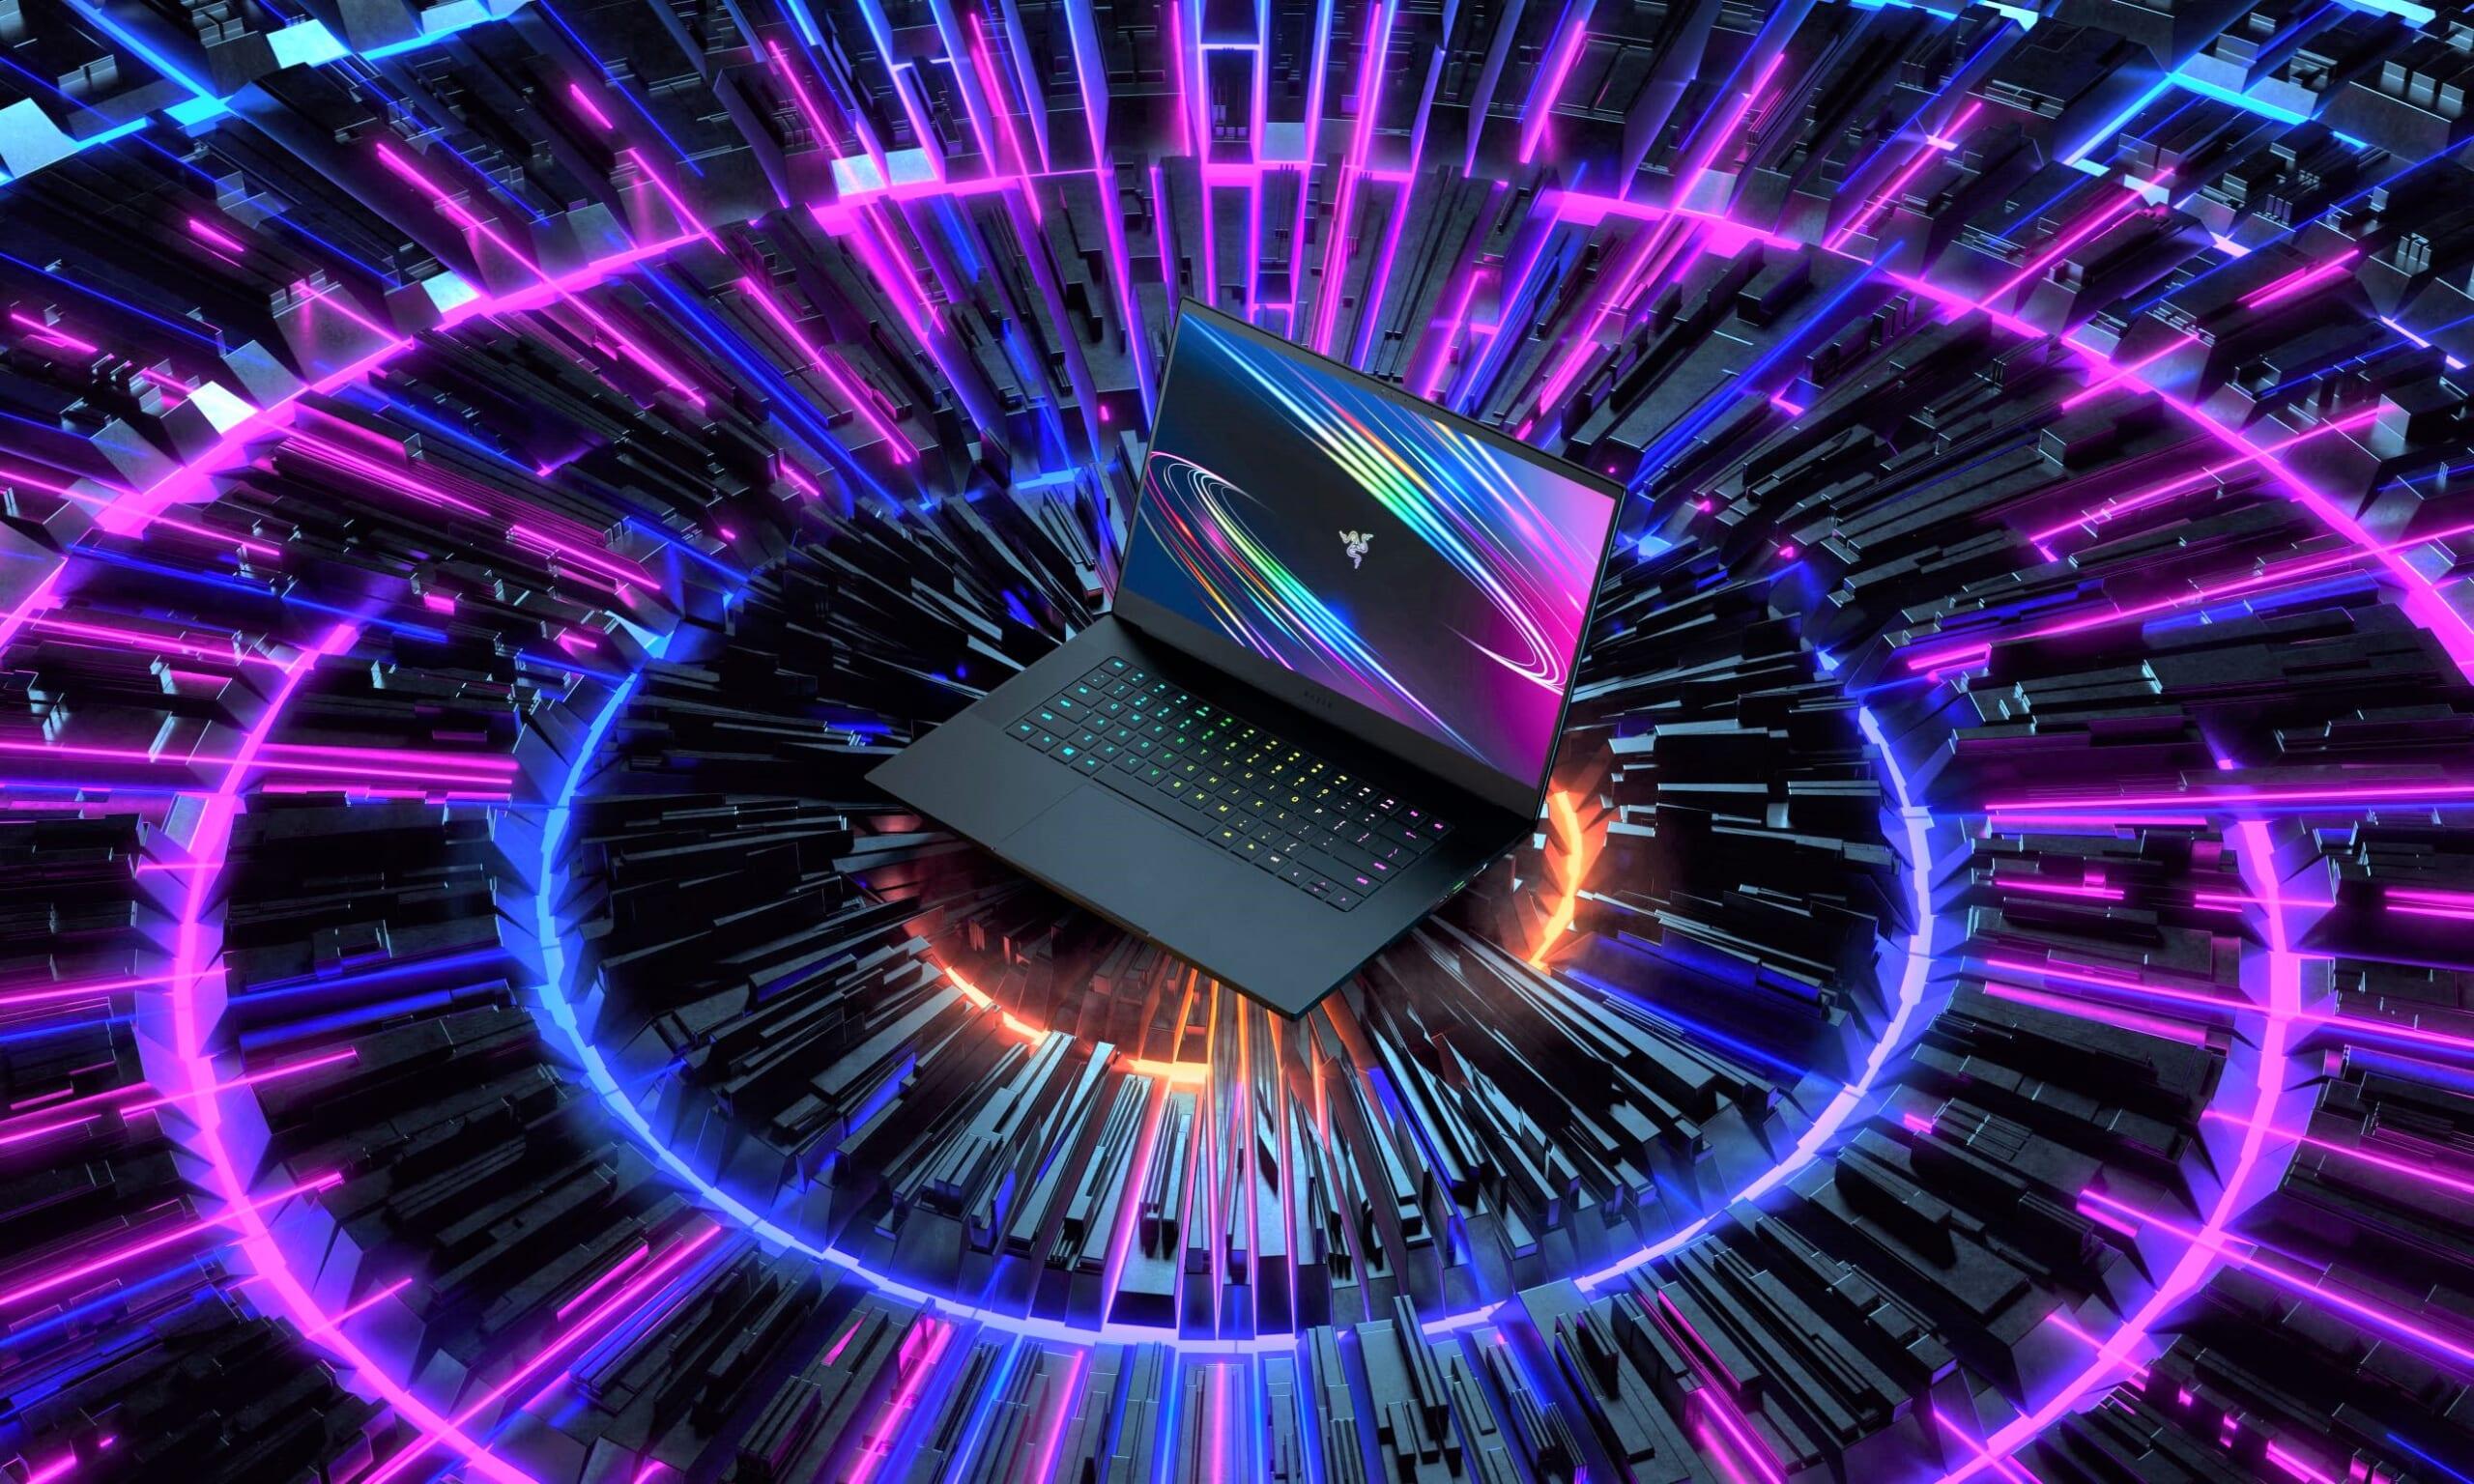 Razer Blade 15 Gaming Laptop